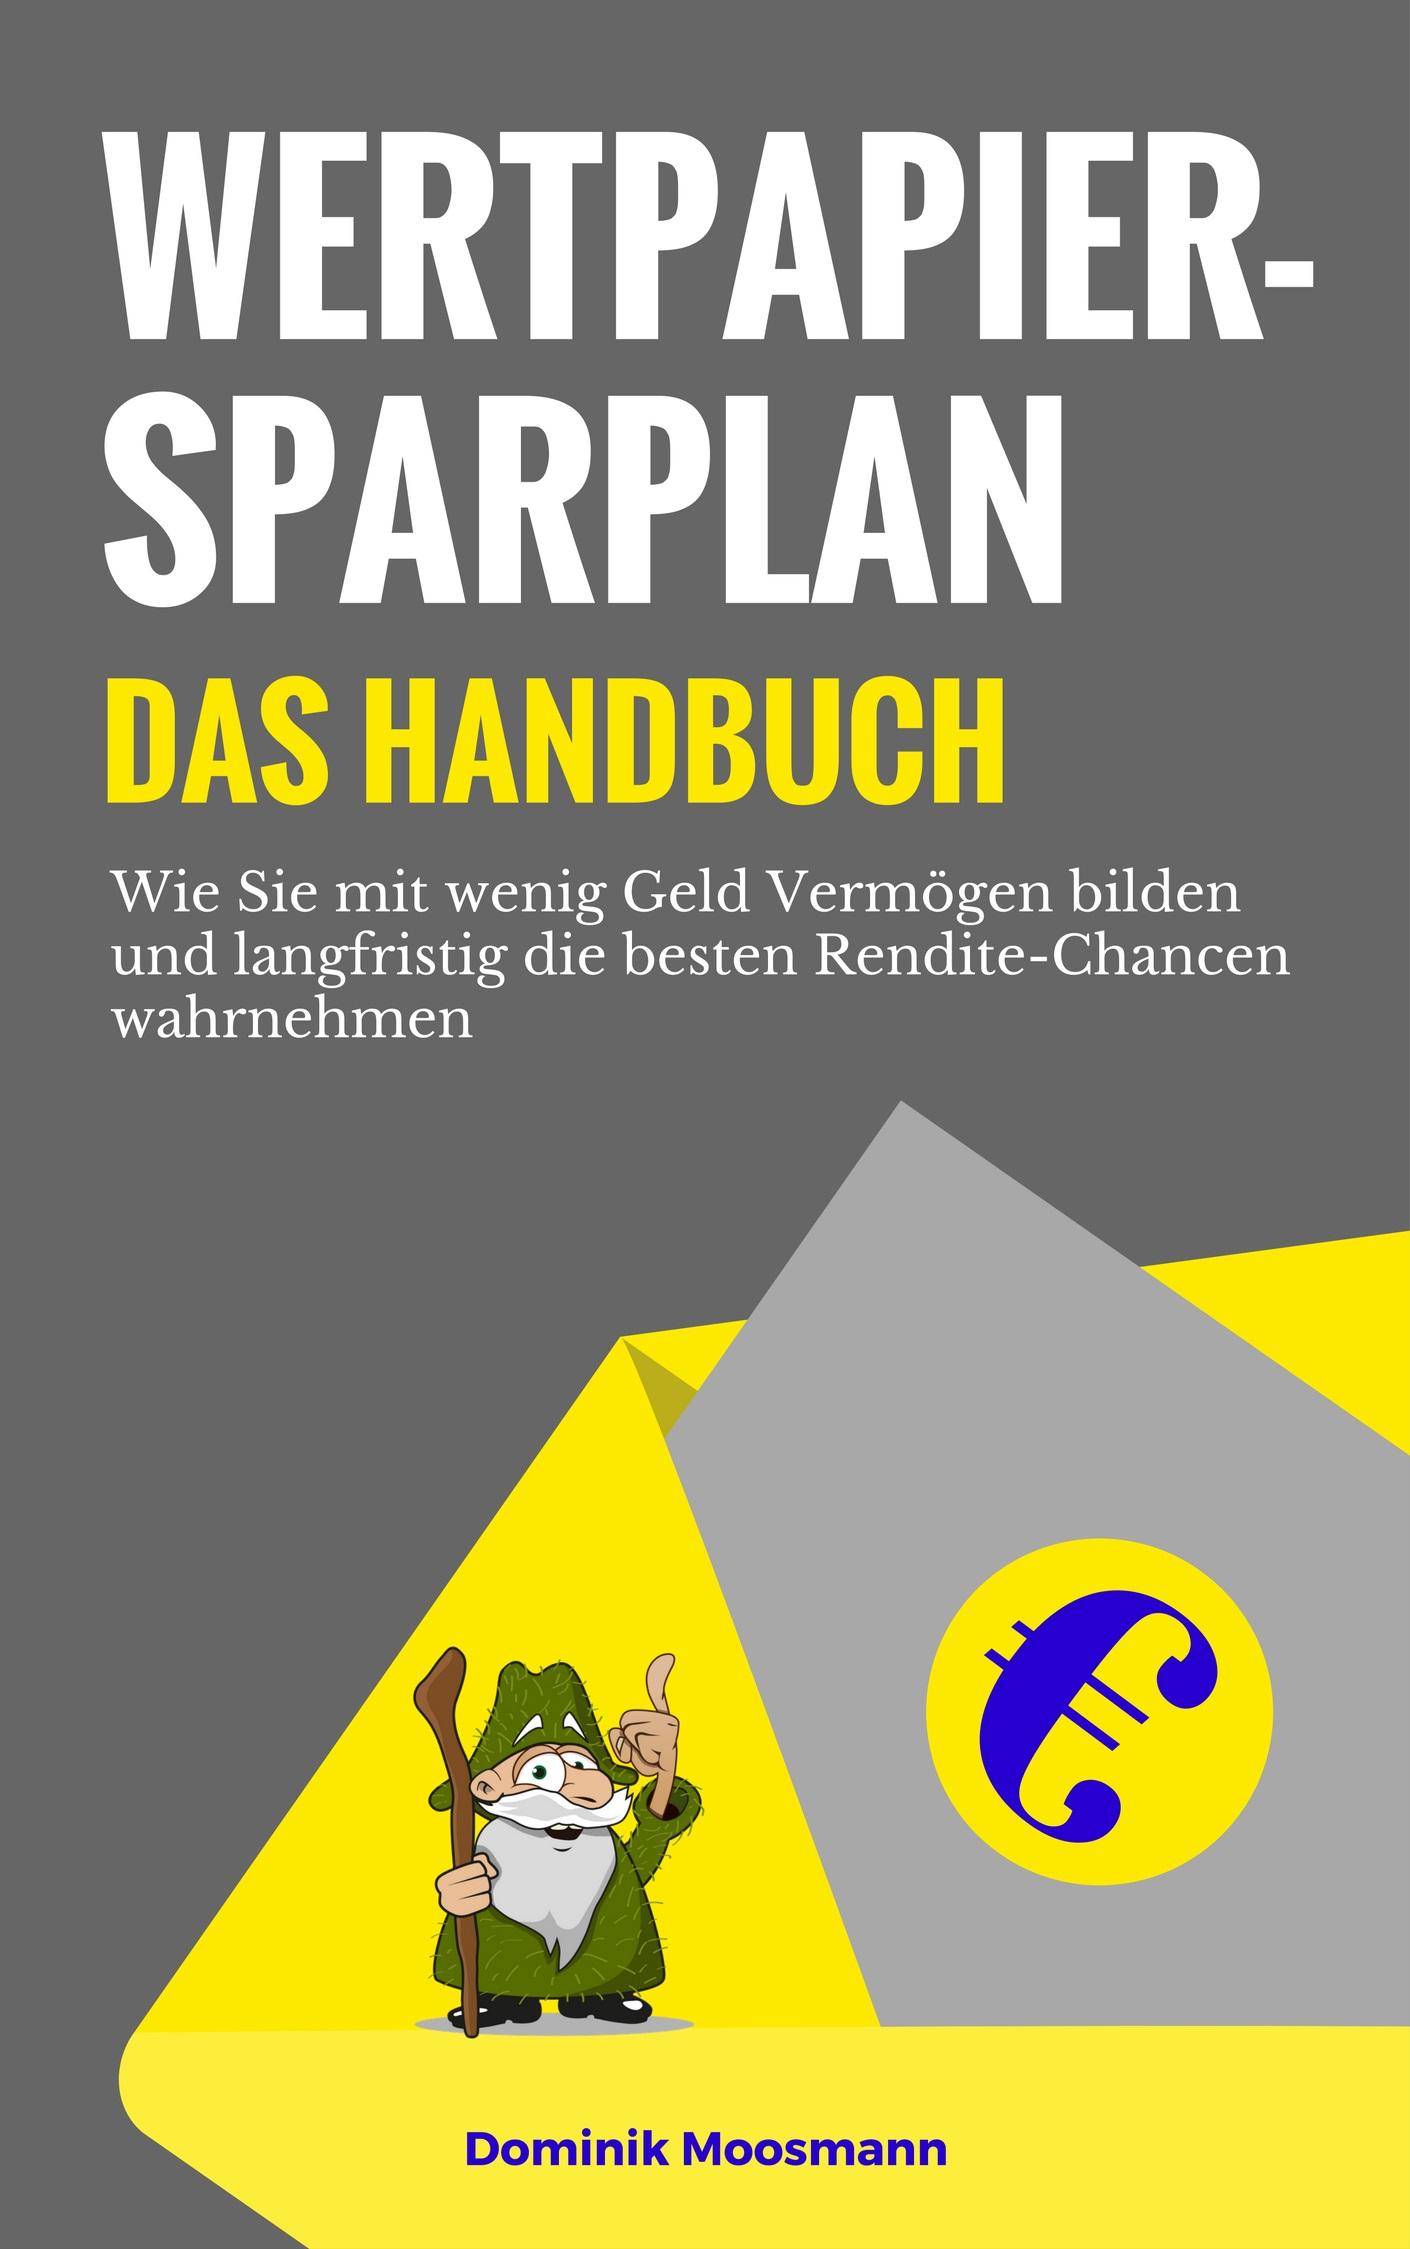 Wertpapiersparplan